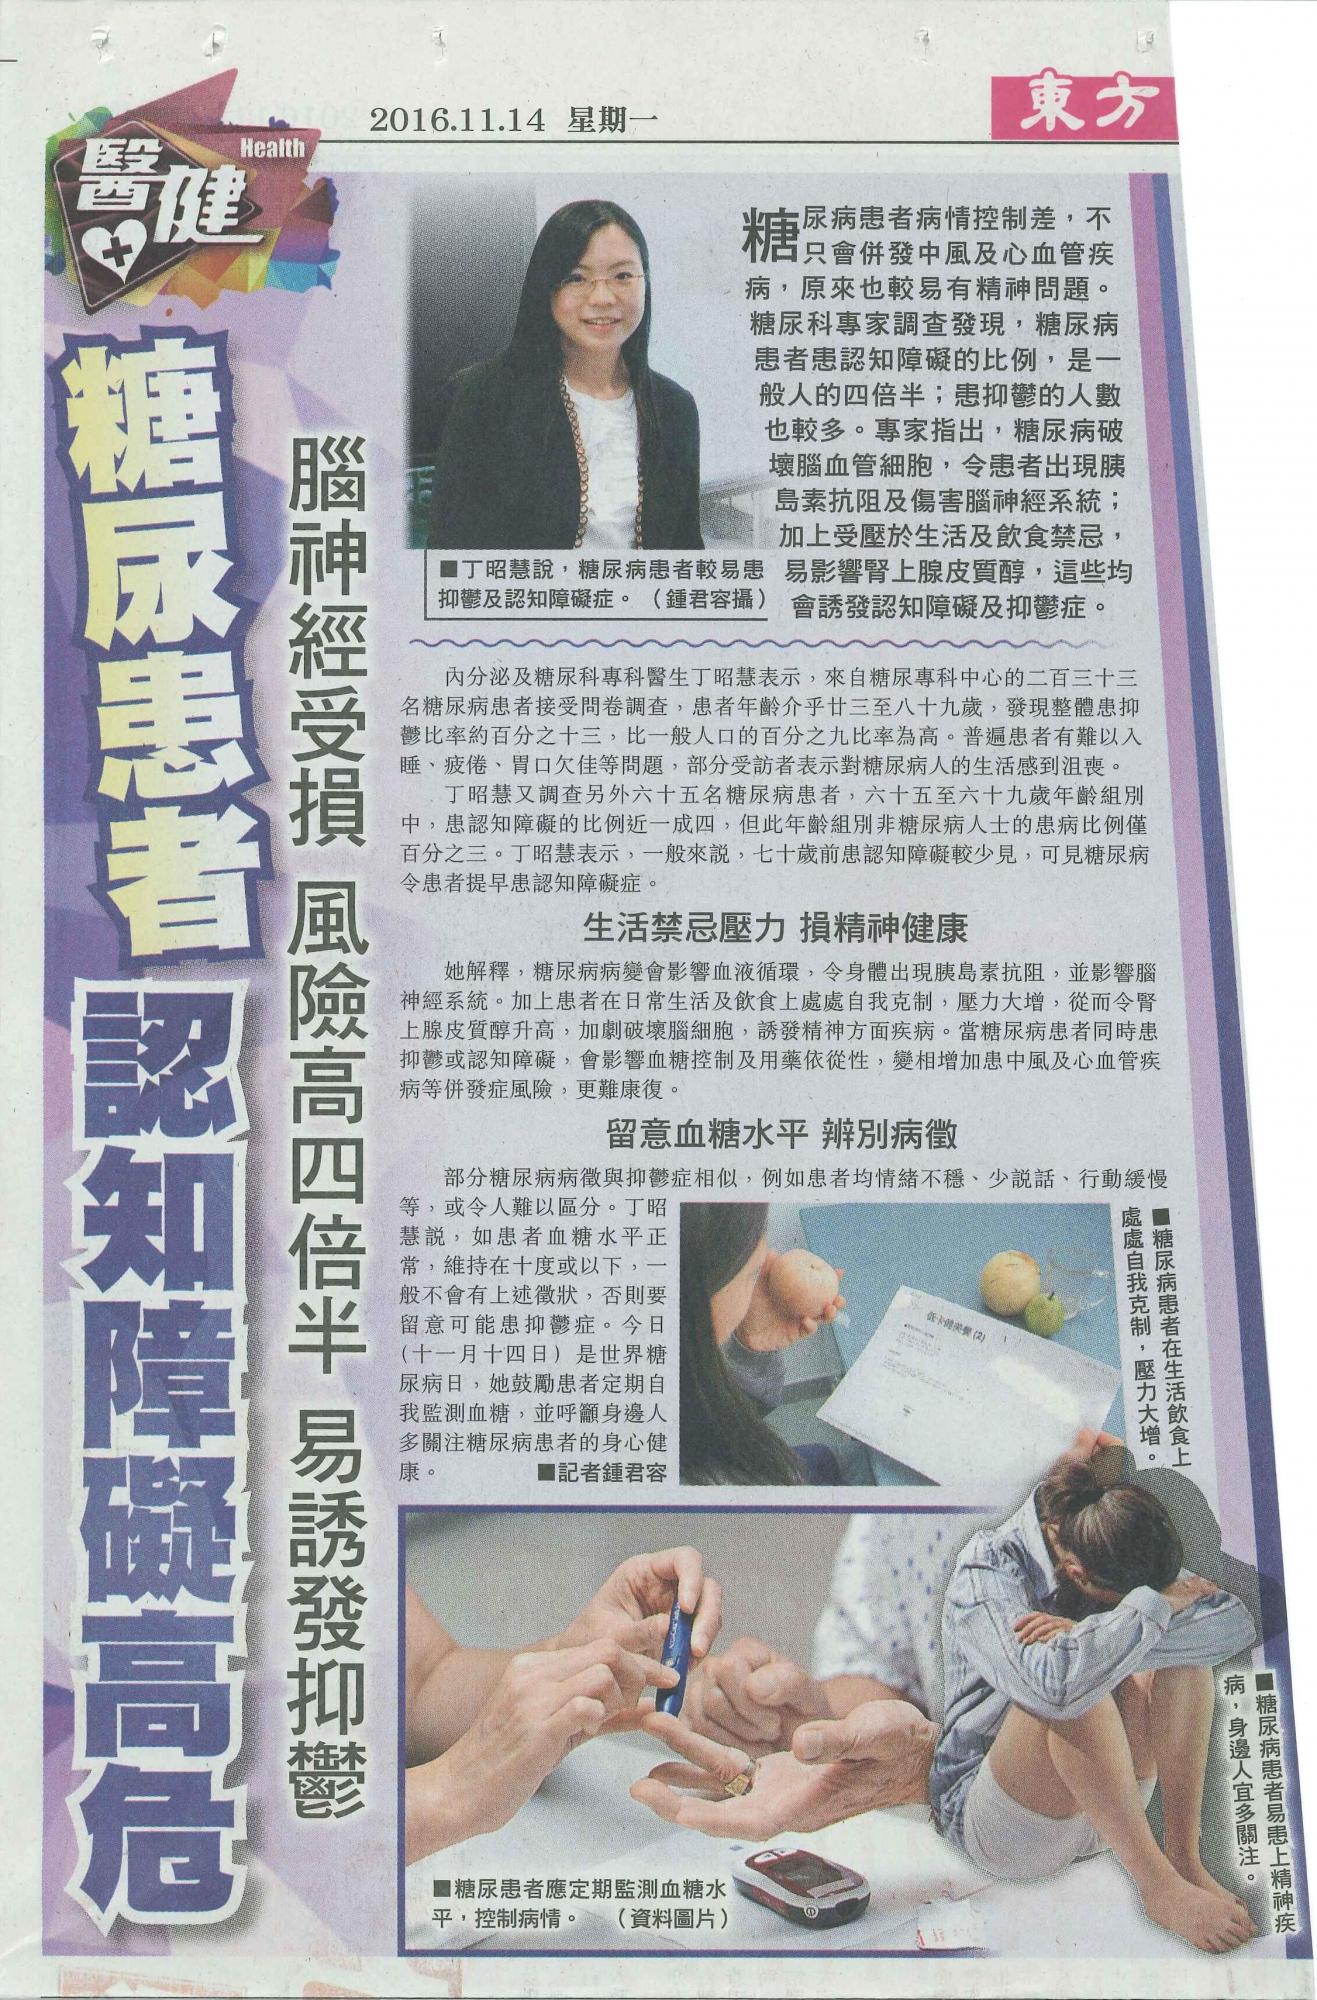 東方日報「糖尿患者 認知障礙高危」